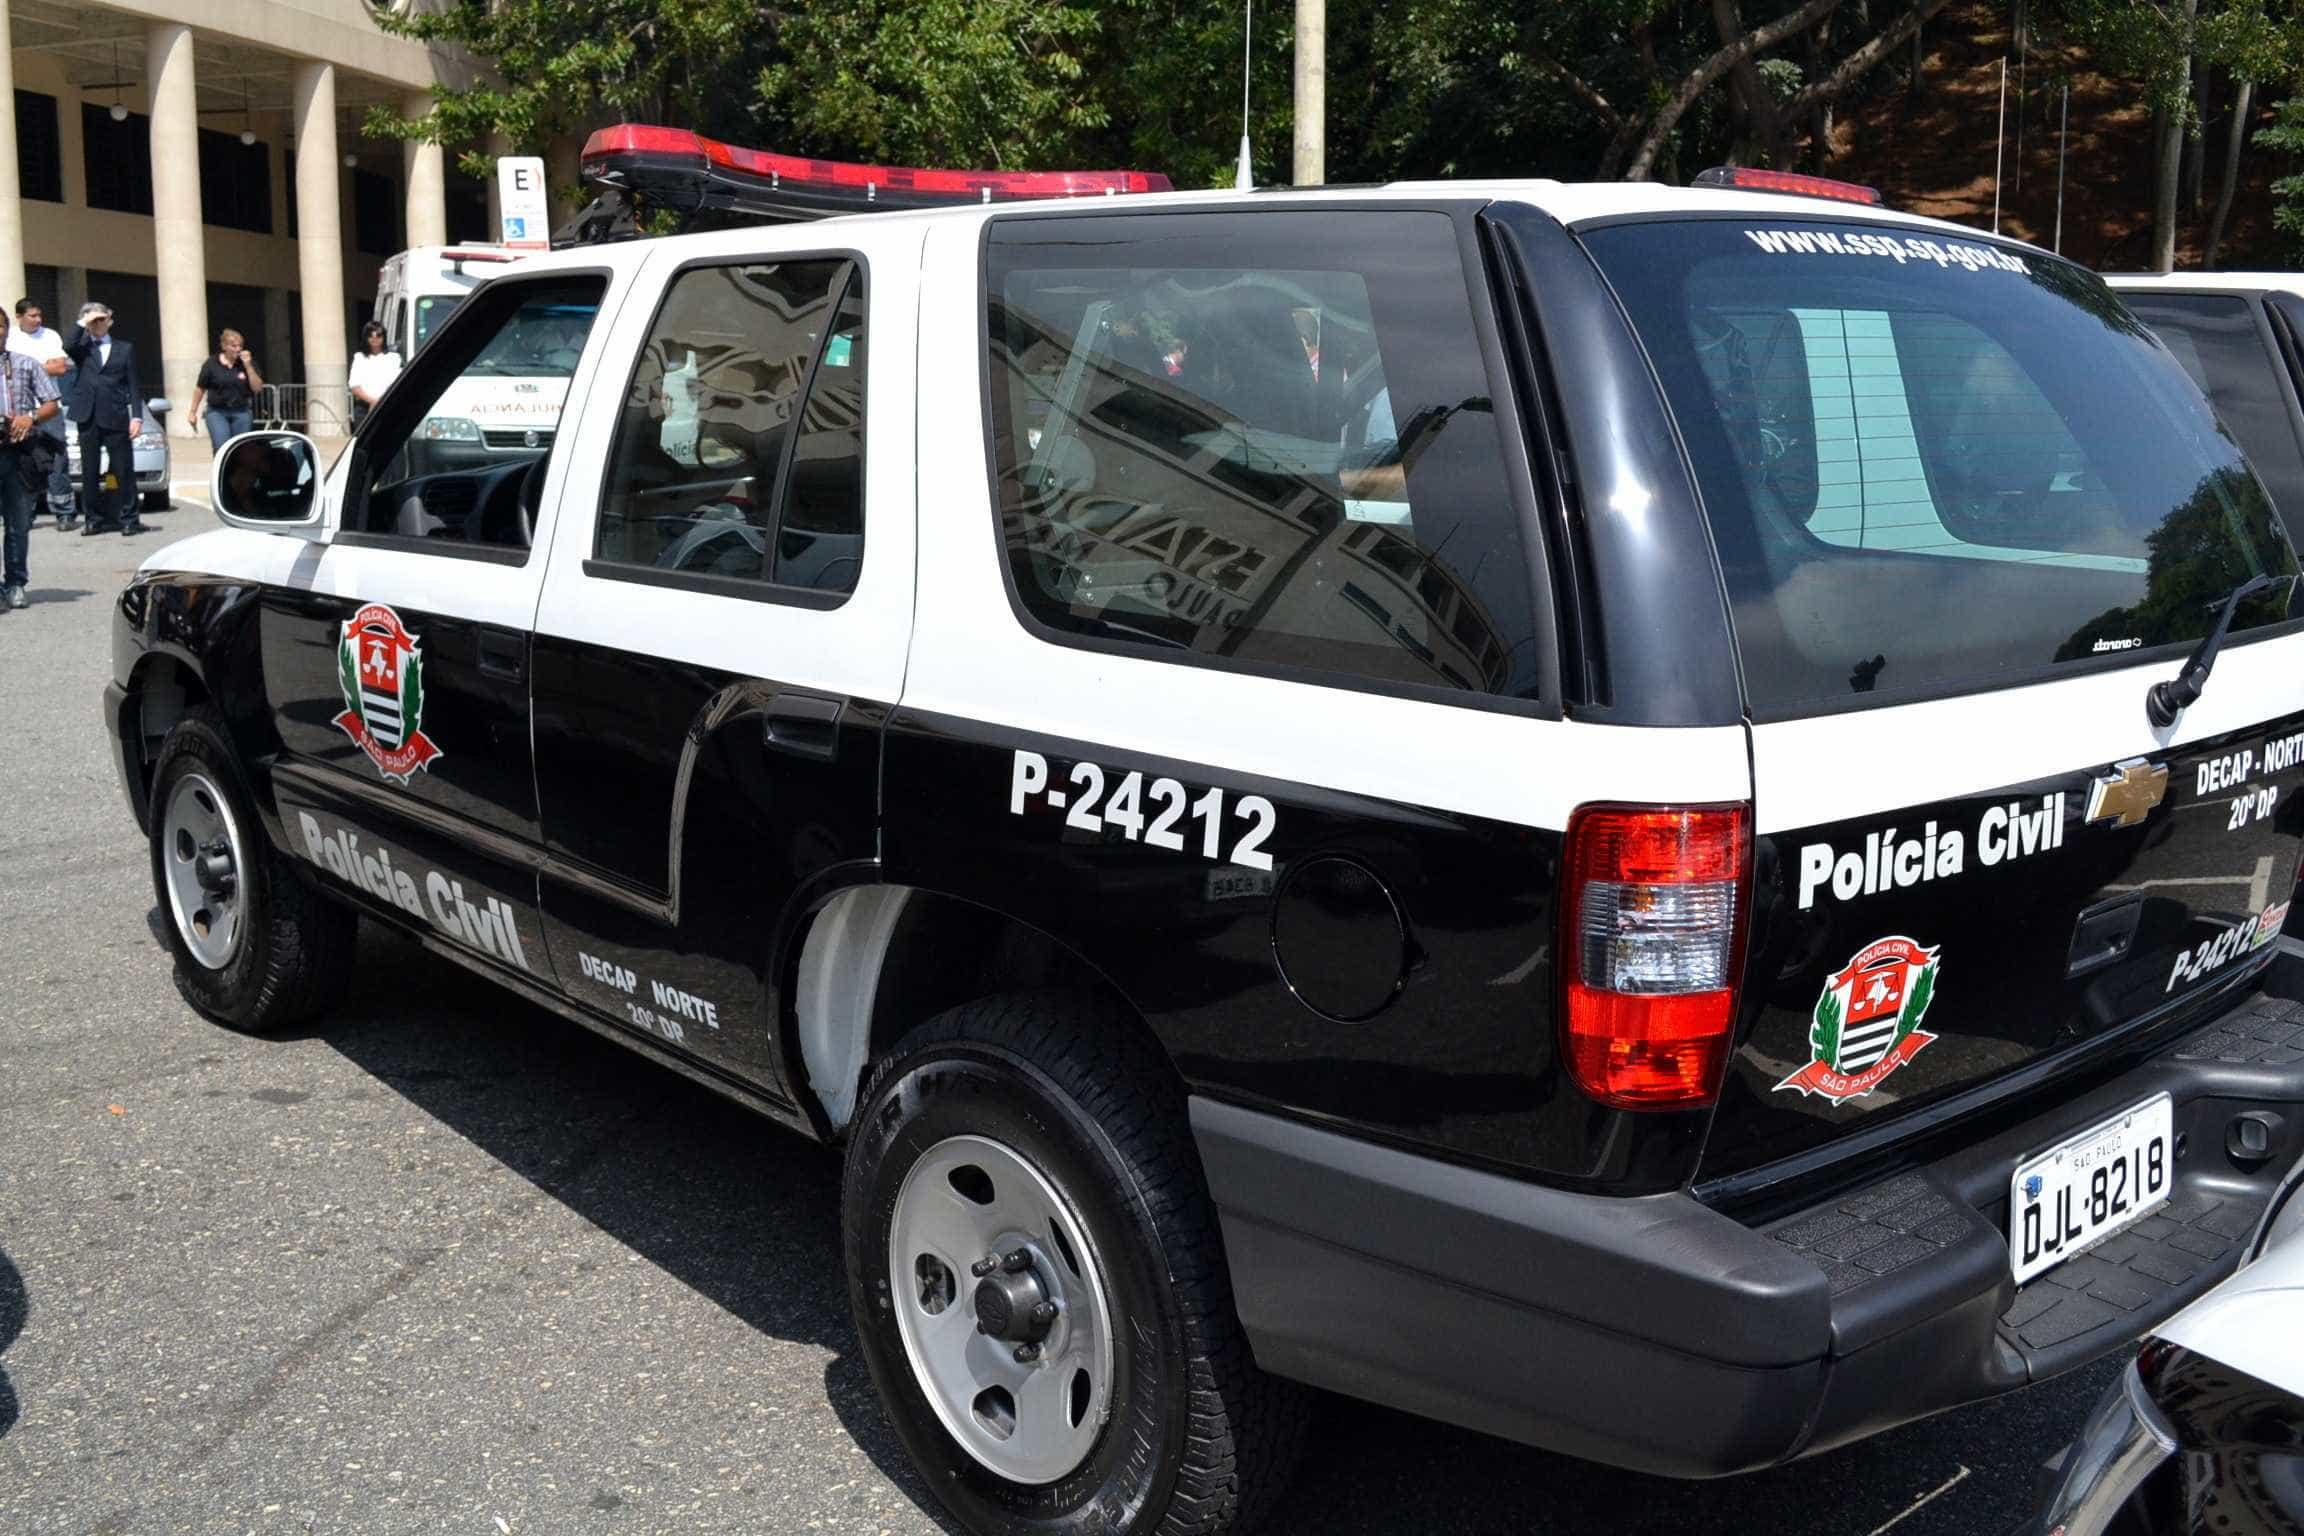 Polícia Civil de SP terá supergrupo de operações especiais em março